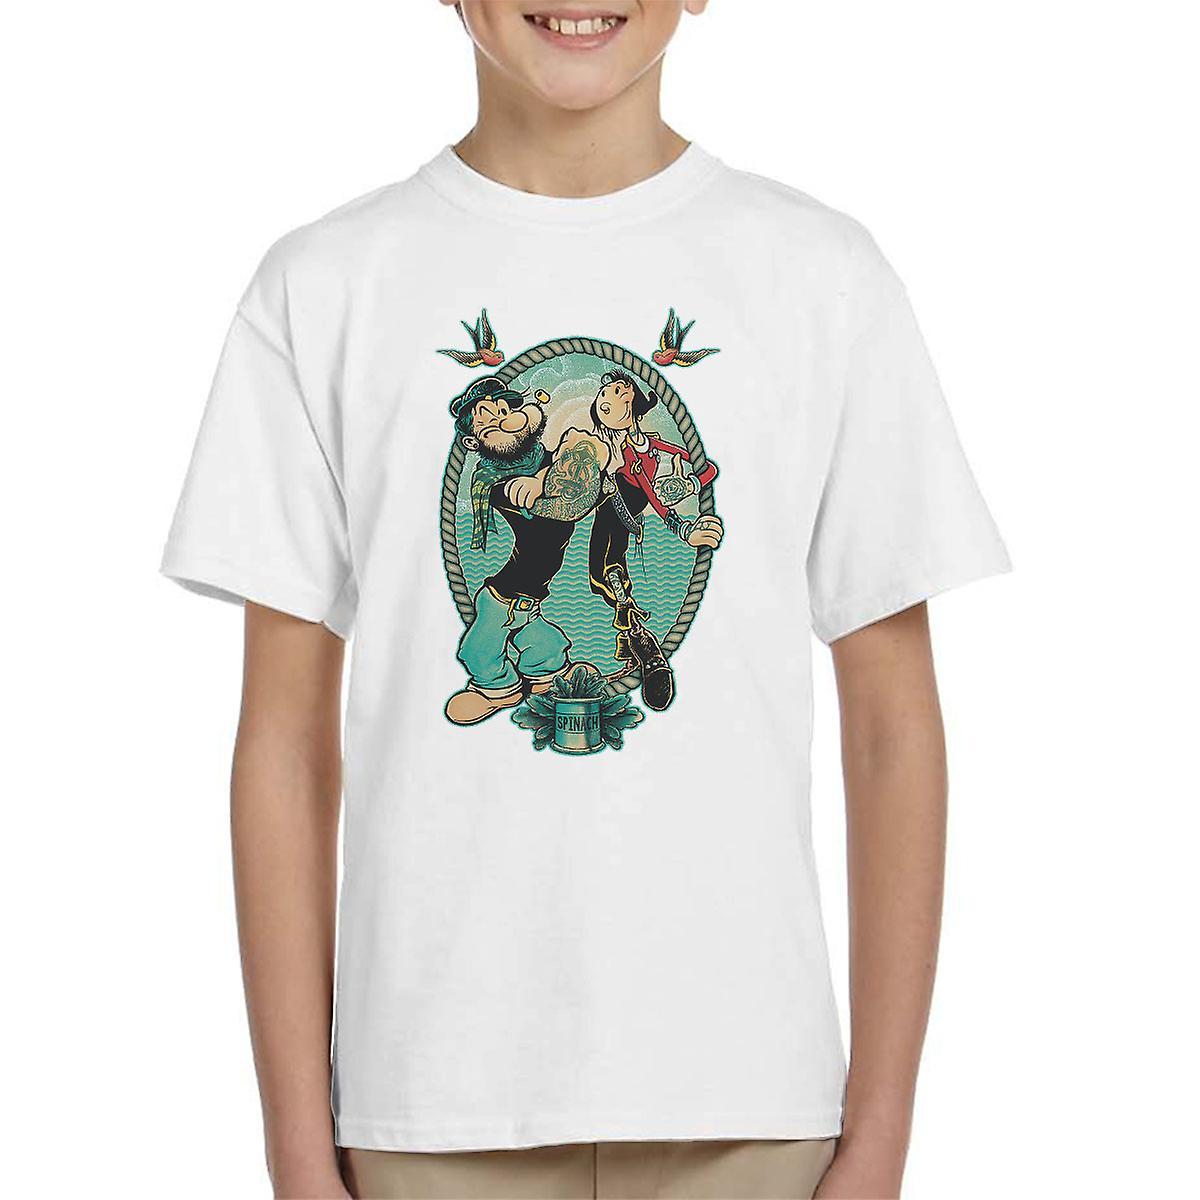 Popeye mich und meine Frau Kinder T-Shirt | Fruugo  Popeye mich und...